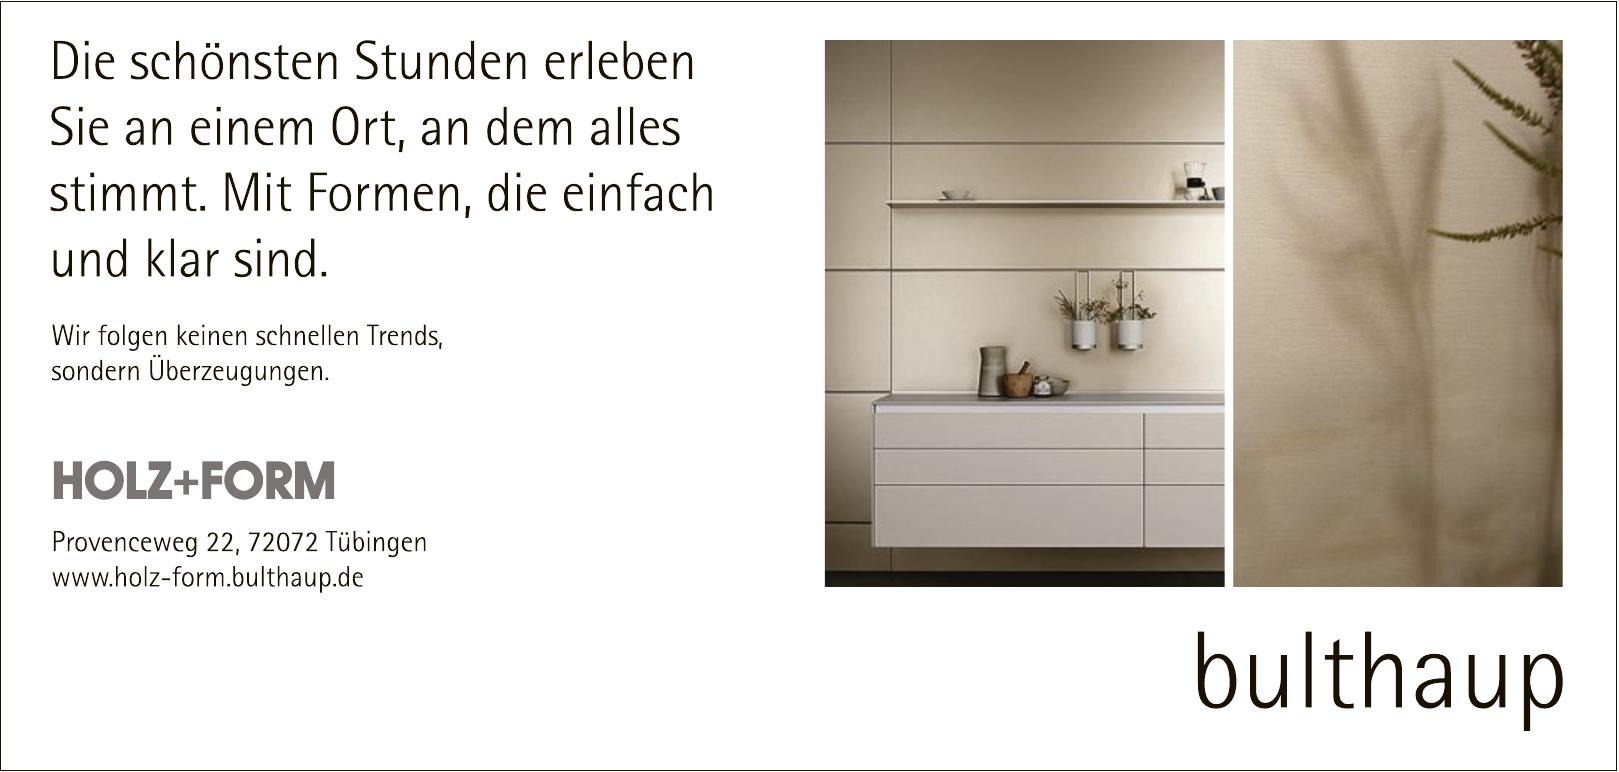 Holz+Form Bulthaup